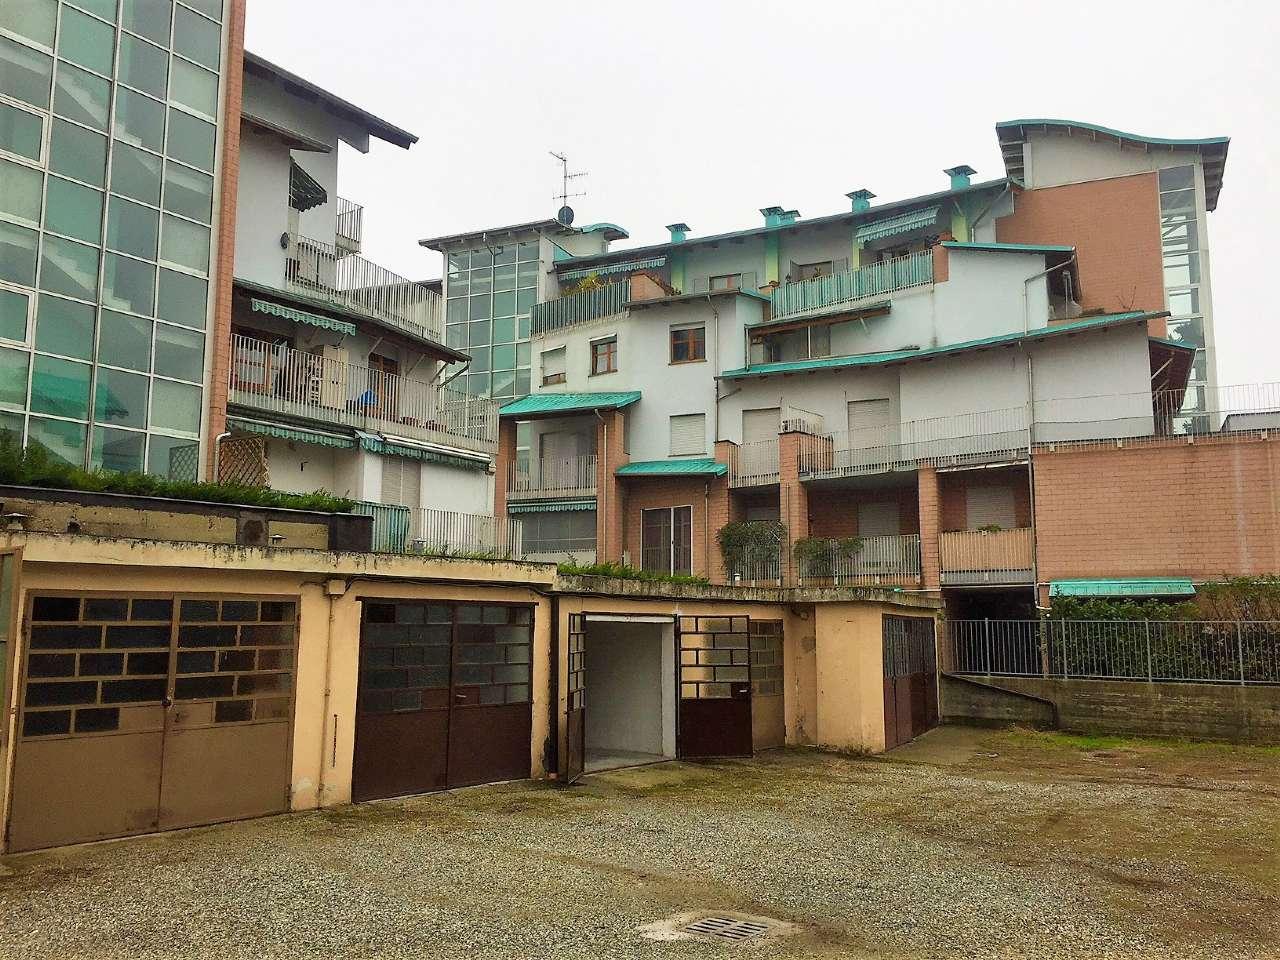 Foto 1 di Box / Garage strada genova, frazione Testona, Moncalieri